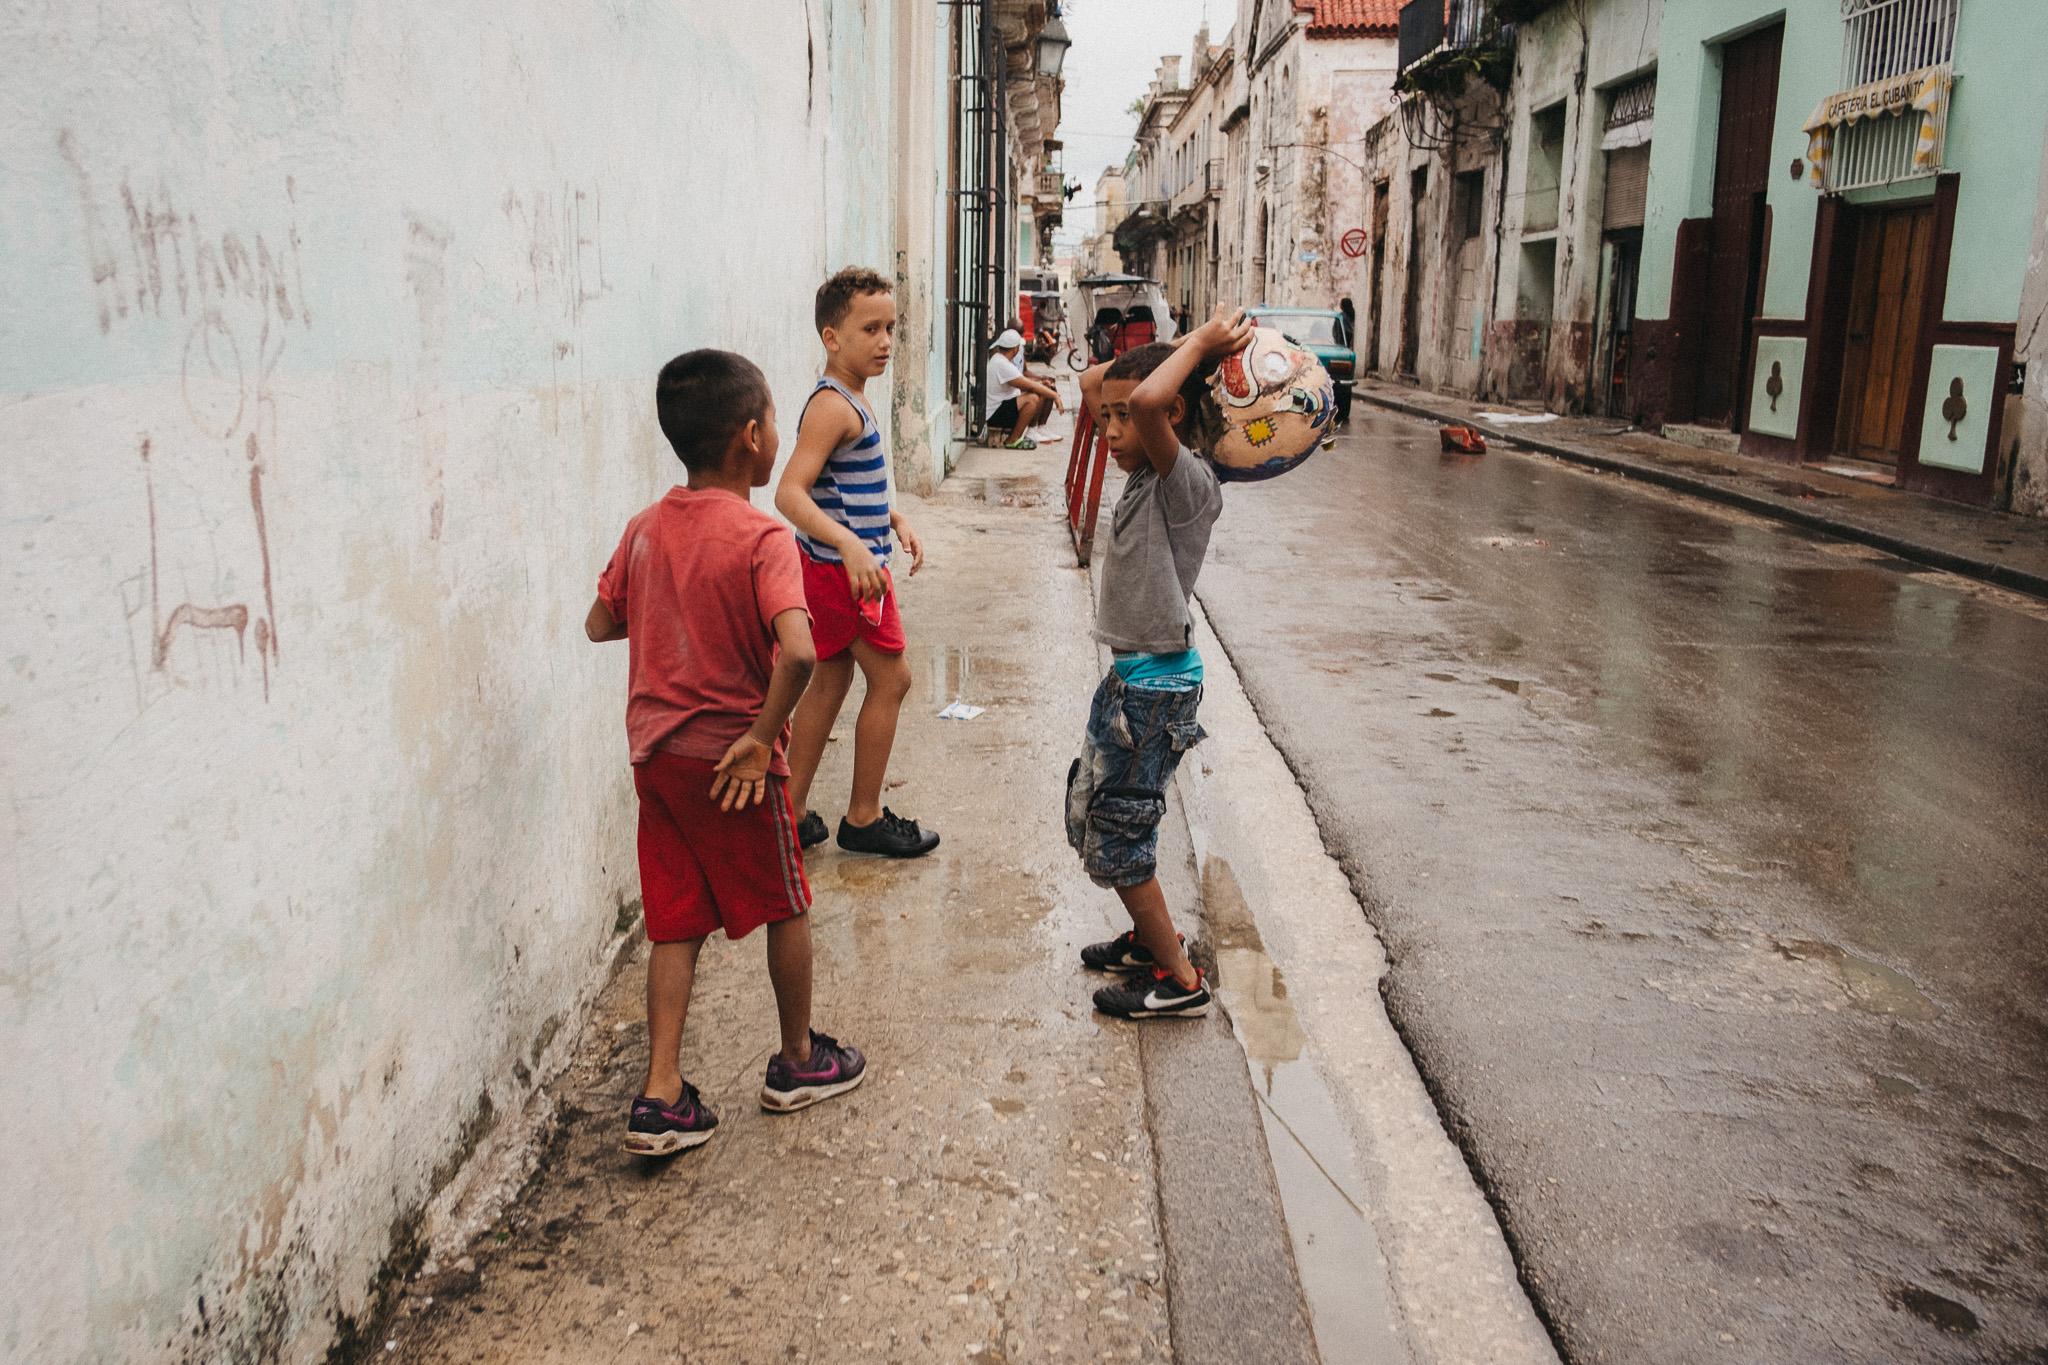 Cuba-2017-12-Havana-0095.jpg